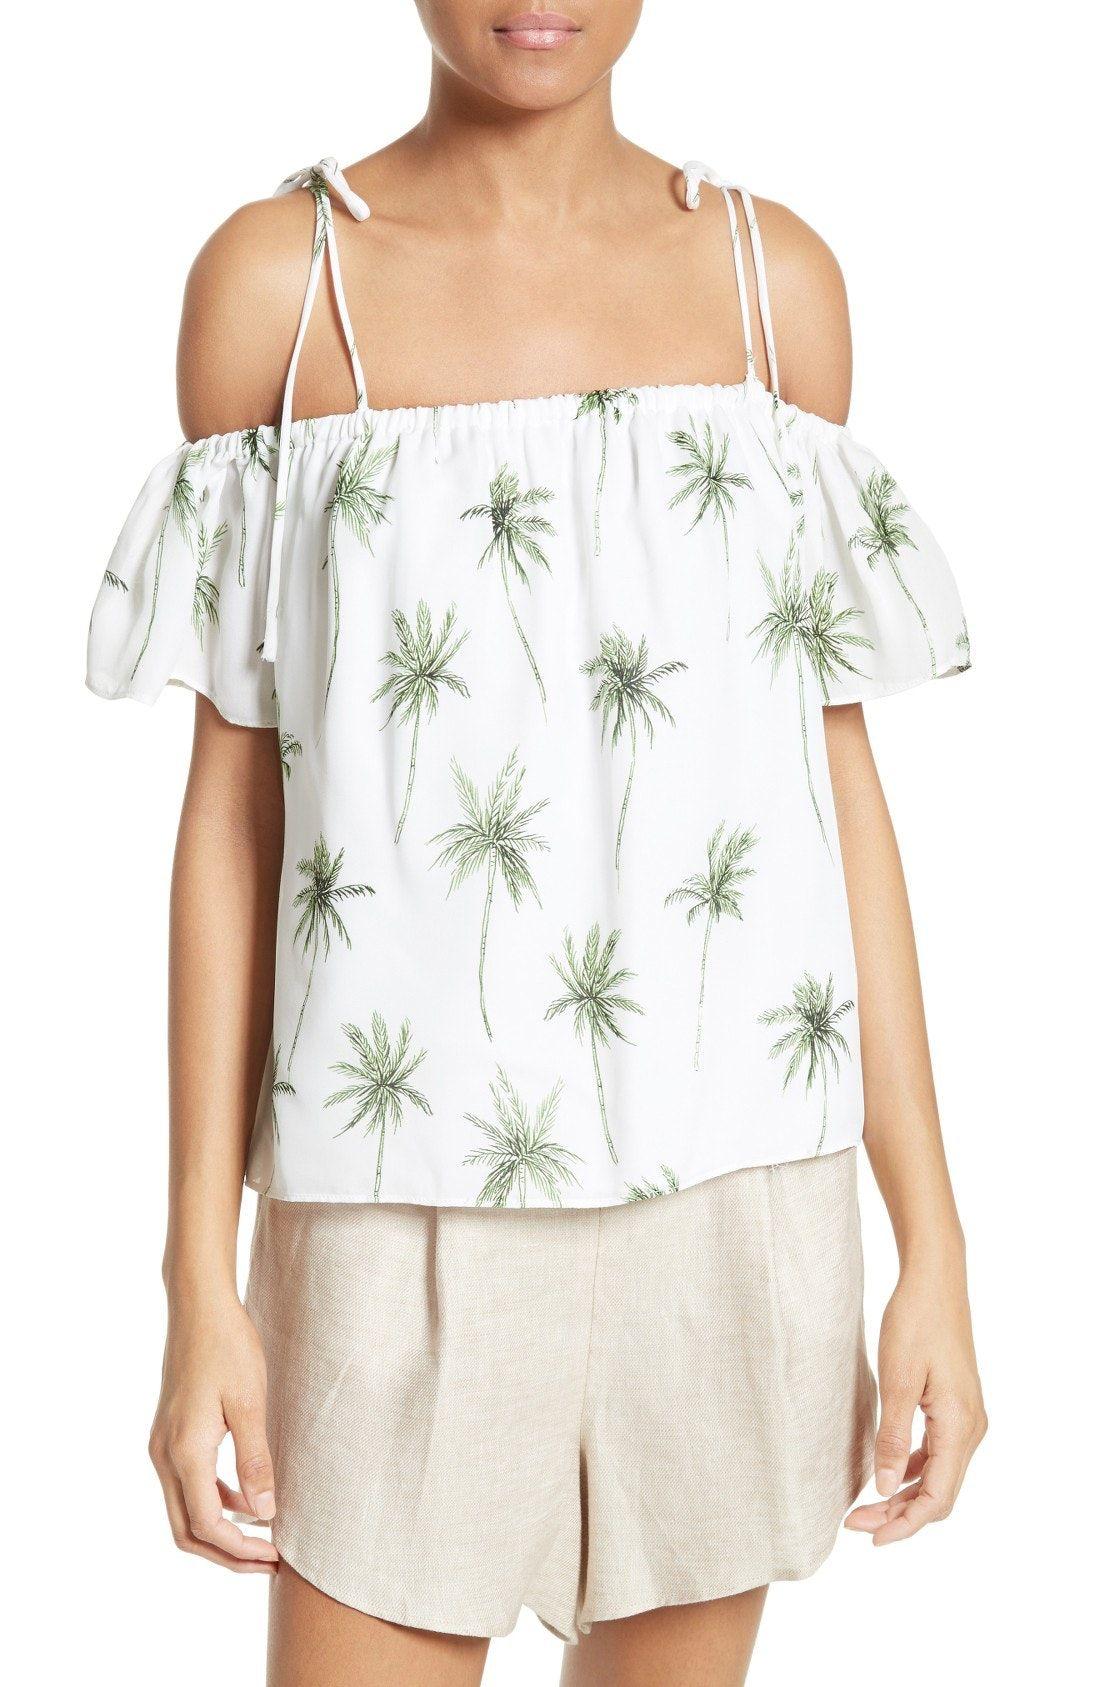 New Milly Eden Palm Tree Print Top Blue White Stripe Fashion  # Muebles Eden En Las Palmas